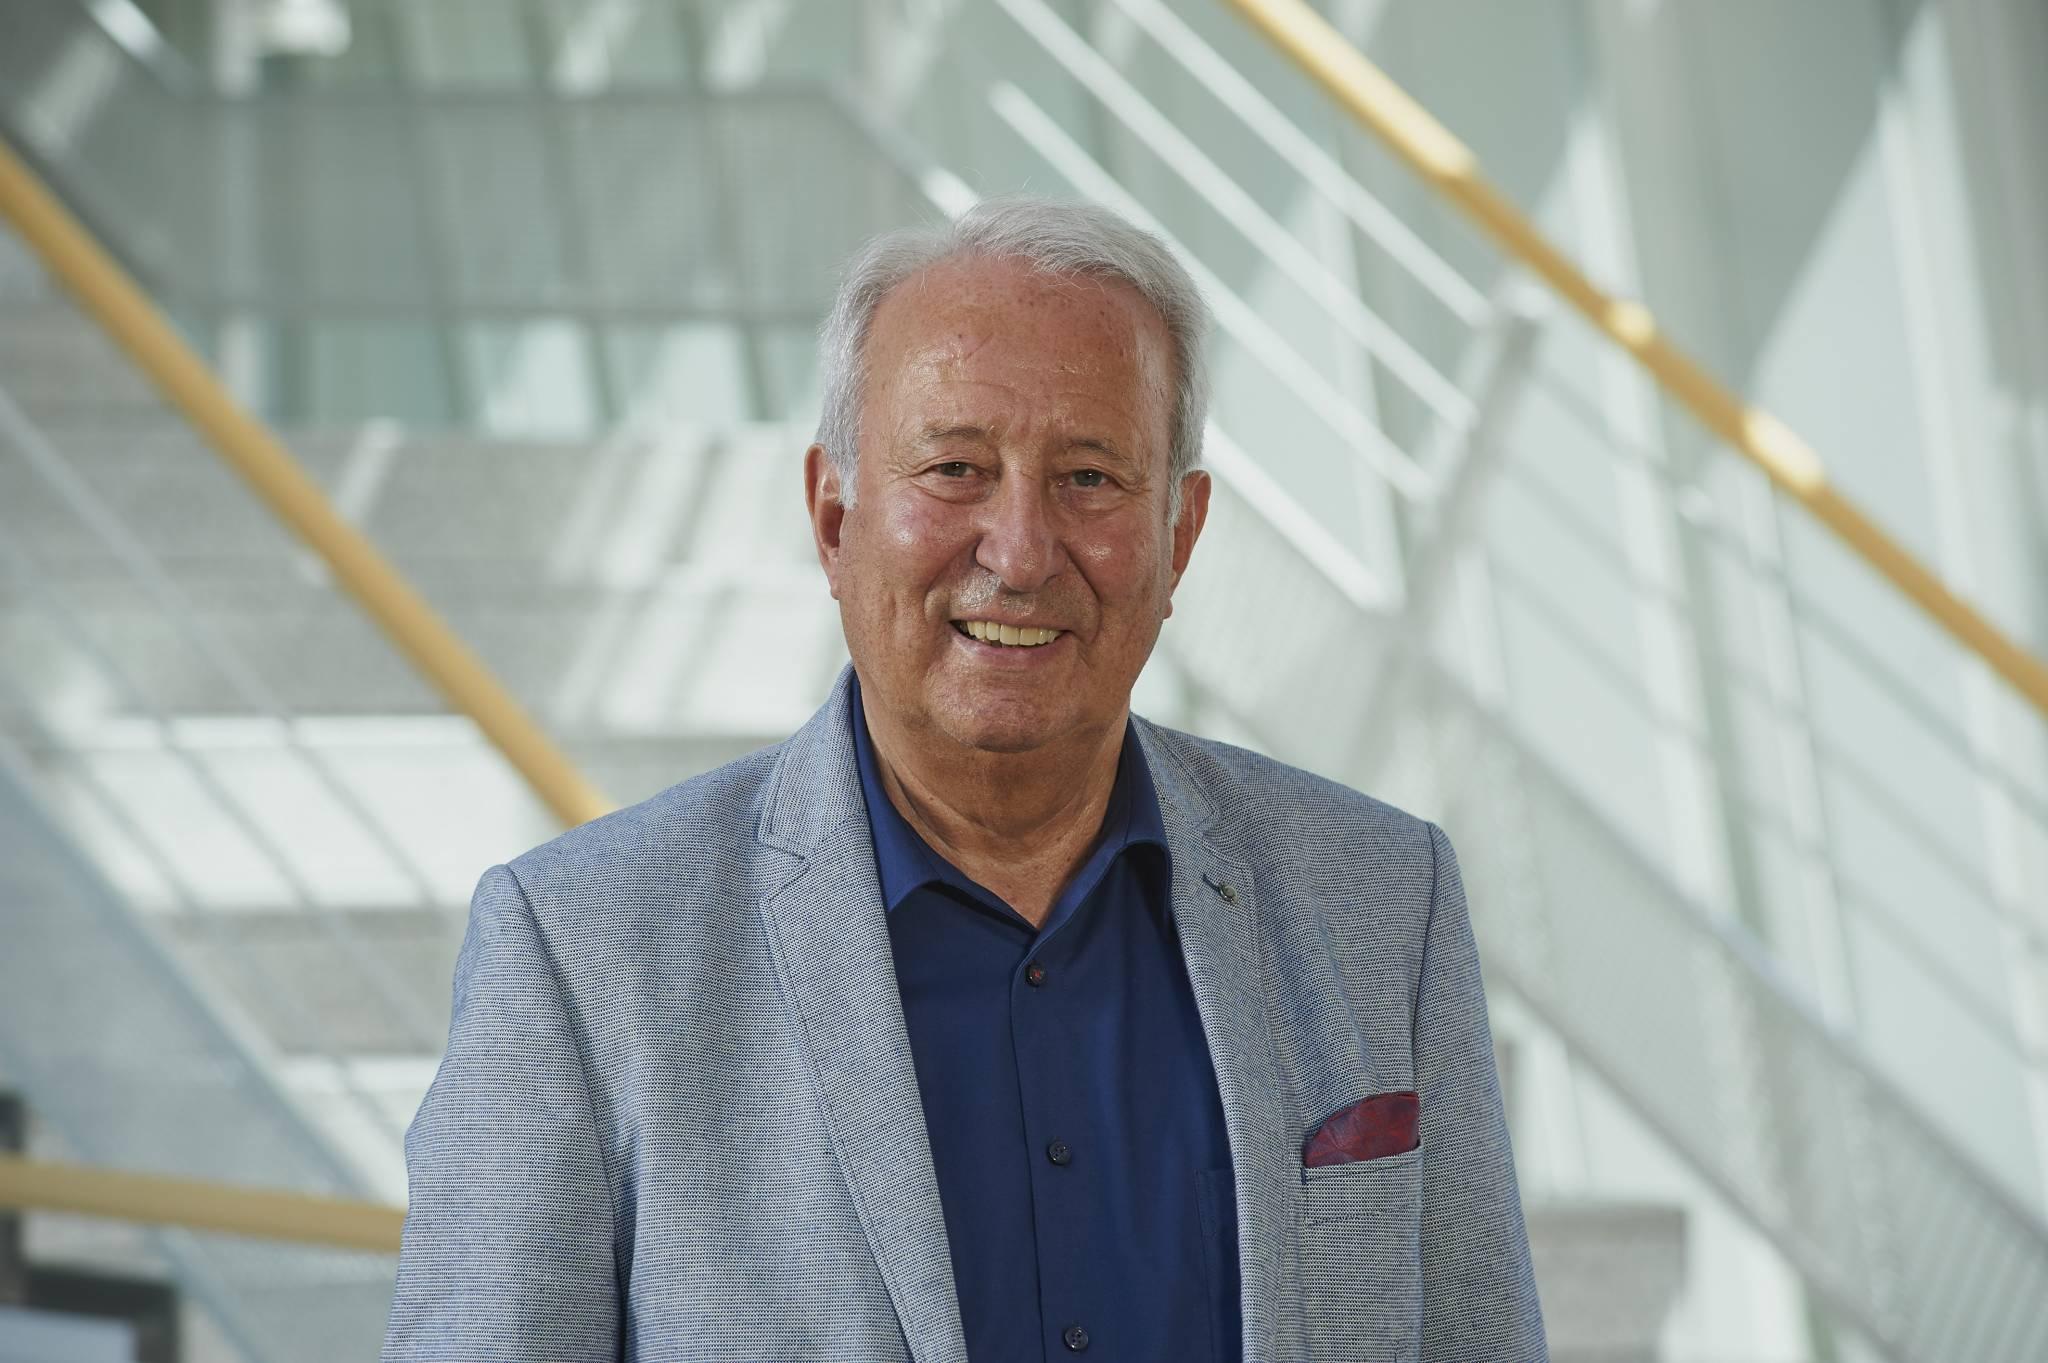 Dr.-Ing. Werner Moser